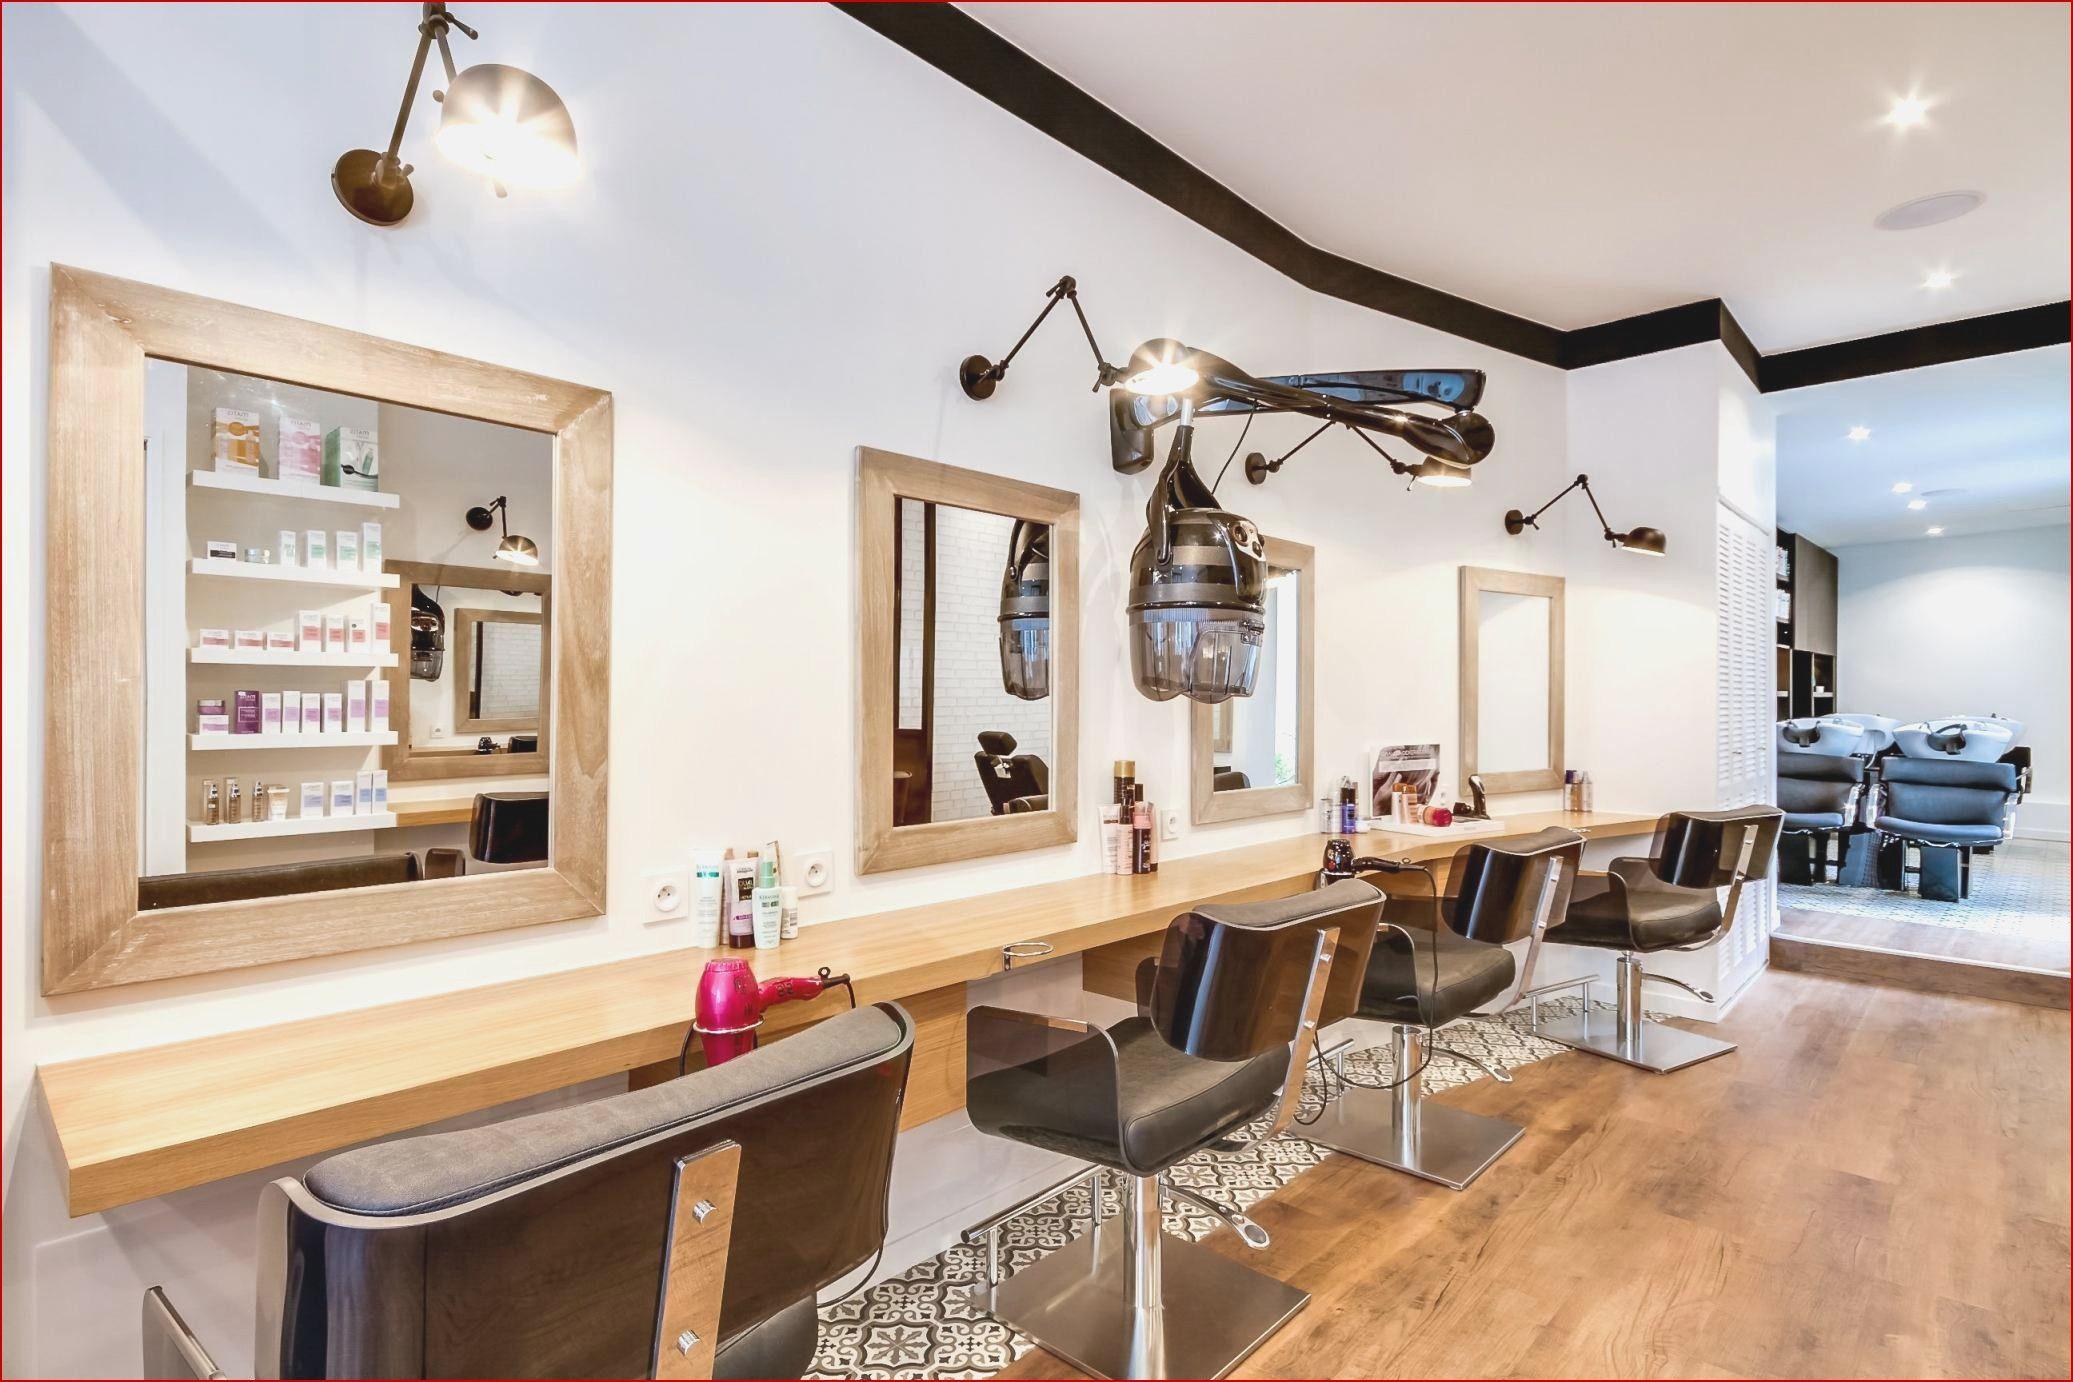 20 Agencement Salon De Coiffure 20d  Salon de coiffure paris